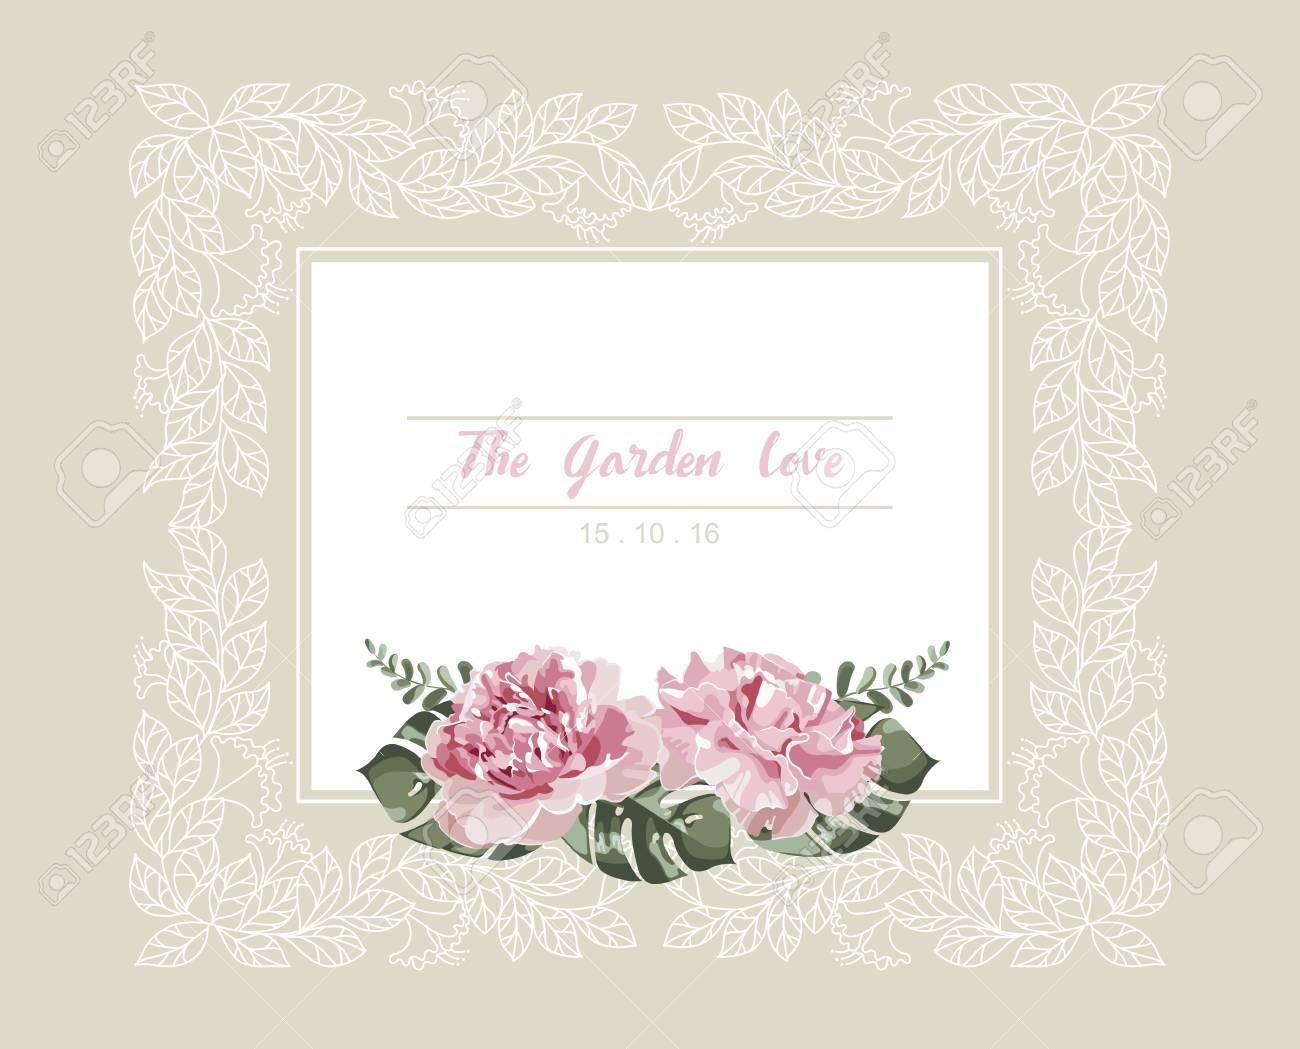 Romantische Hochzeitseinladung Vintage Karte Mit Rosaen Blumen Und